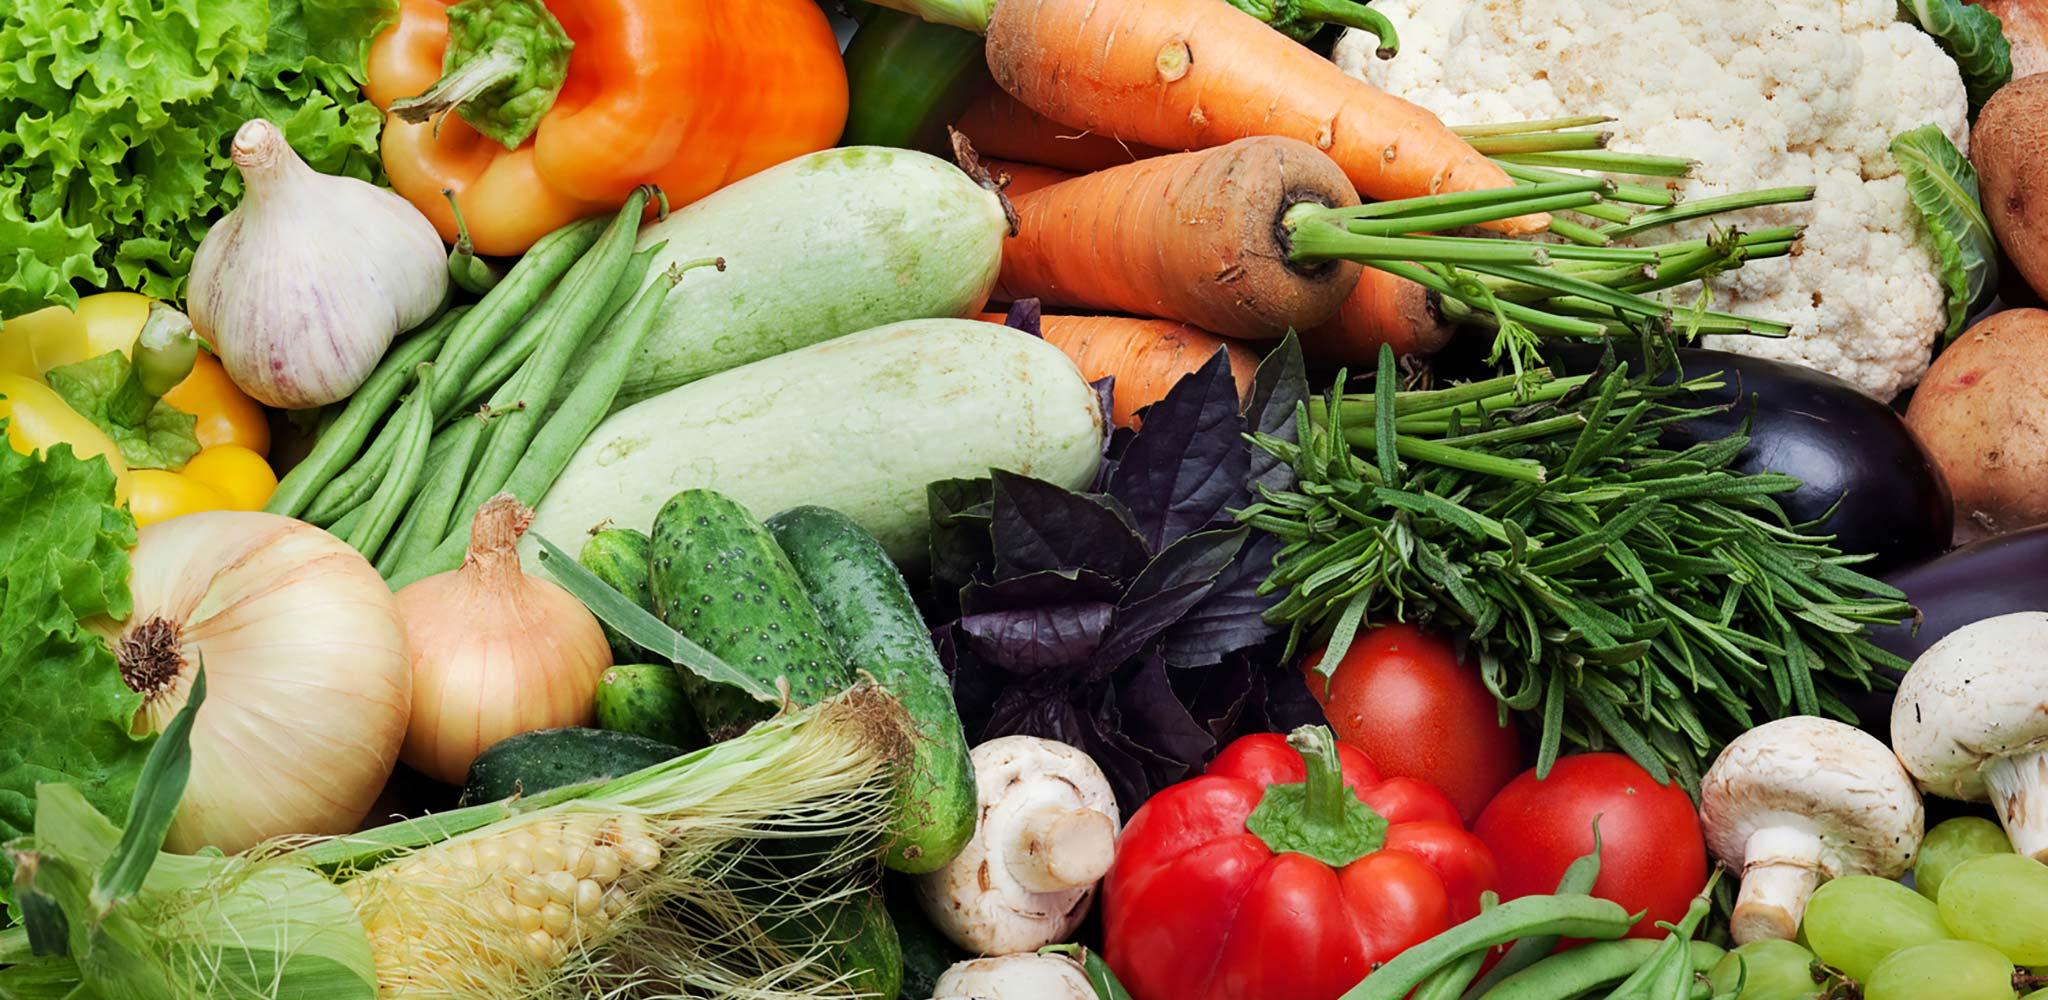 Житель Иркутской области в среднем в год потребляет овощей почти на 40% меньше рекомендованной нормы